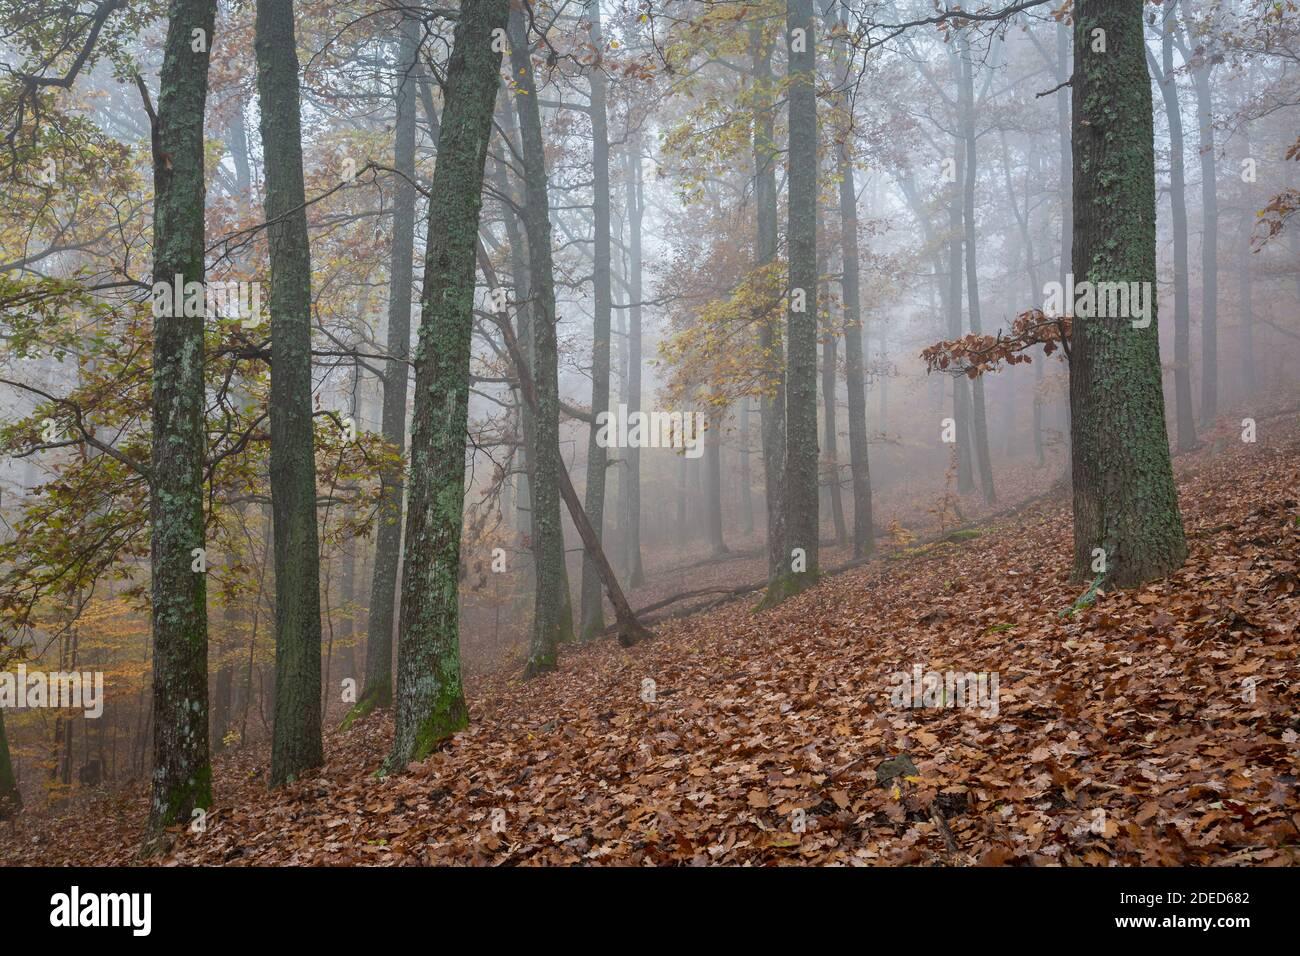 Eichenwald Autumnl in der Südslowakei. Stockfoto